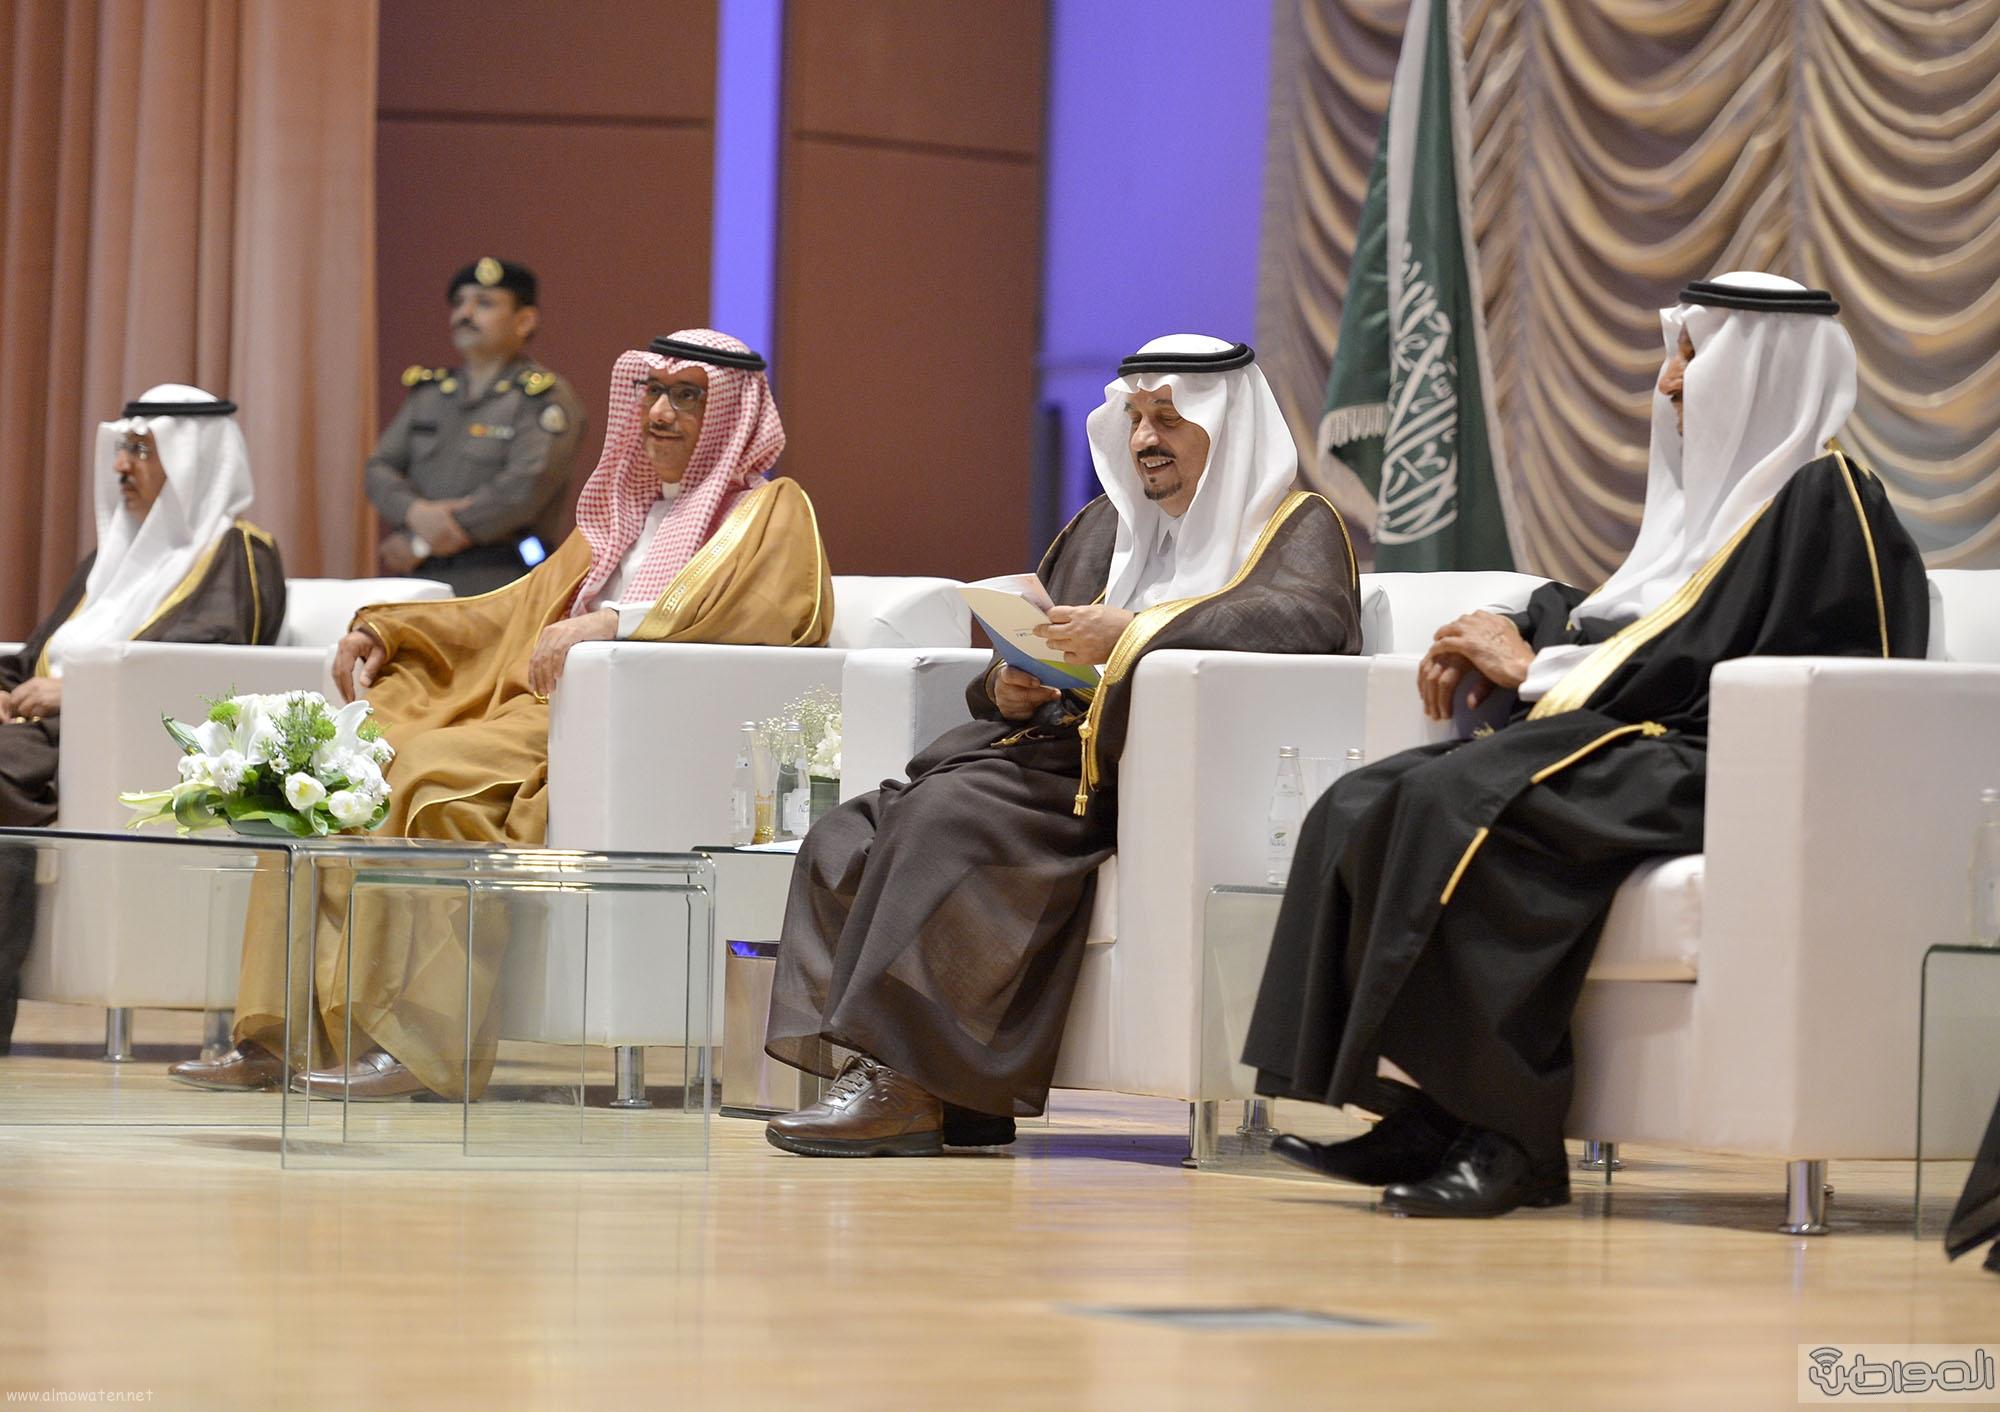 امير الرياض خلال رعاية طموح ملك لمستقبل وطن (12)